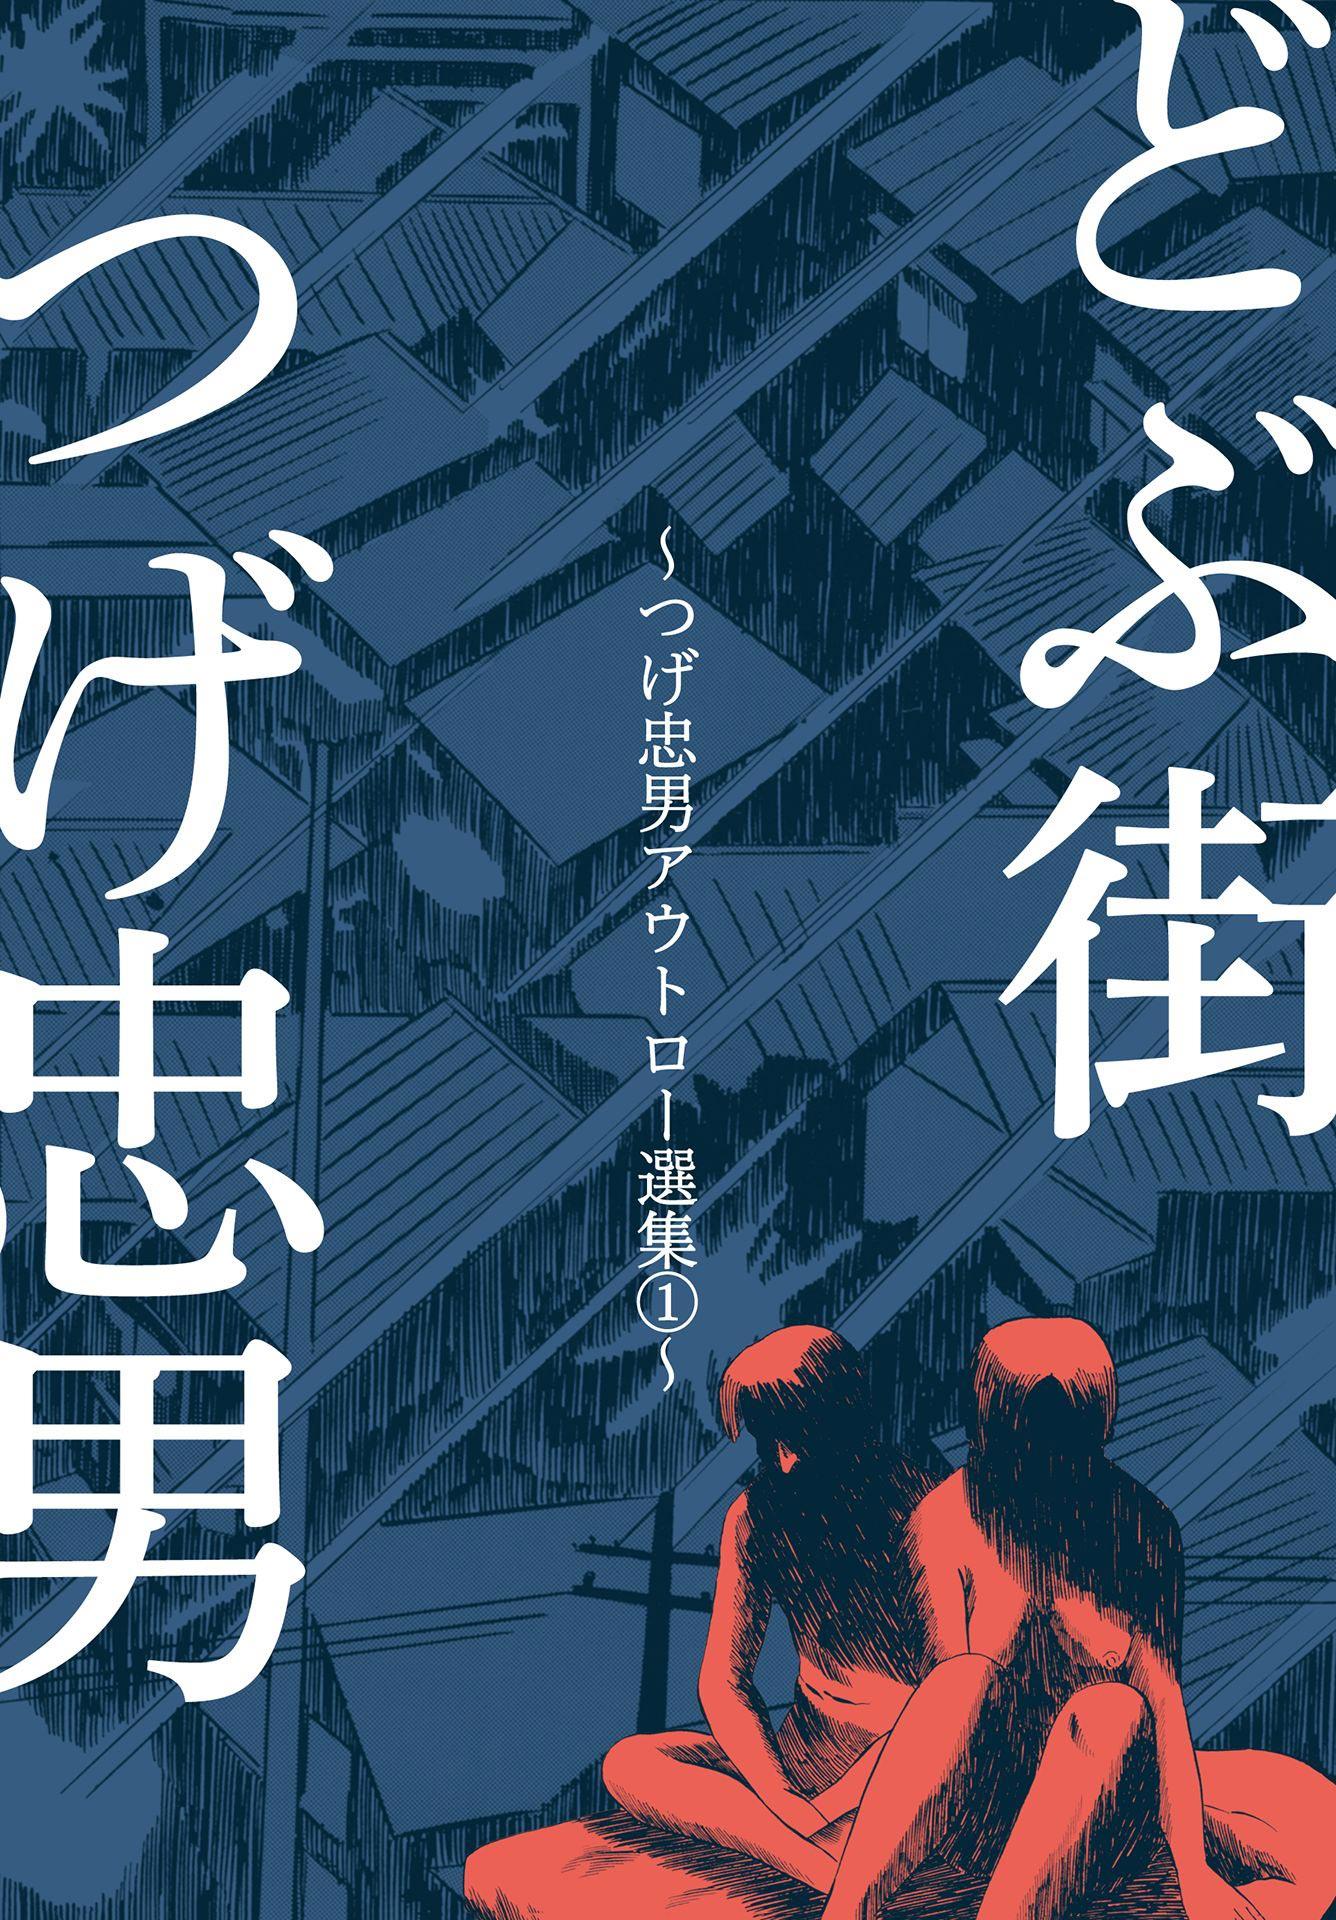 つげ忠男アウトロー選集(第1巻)